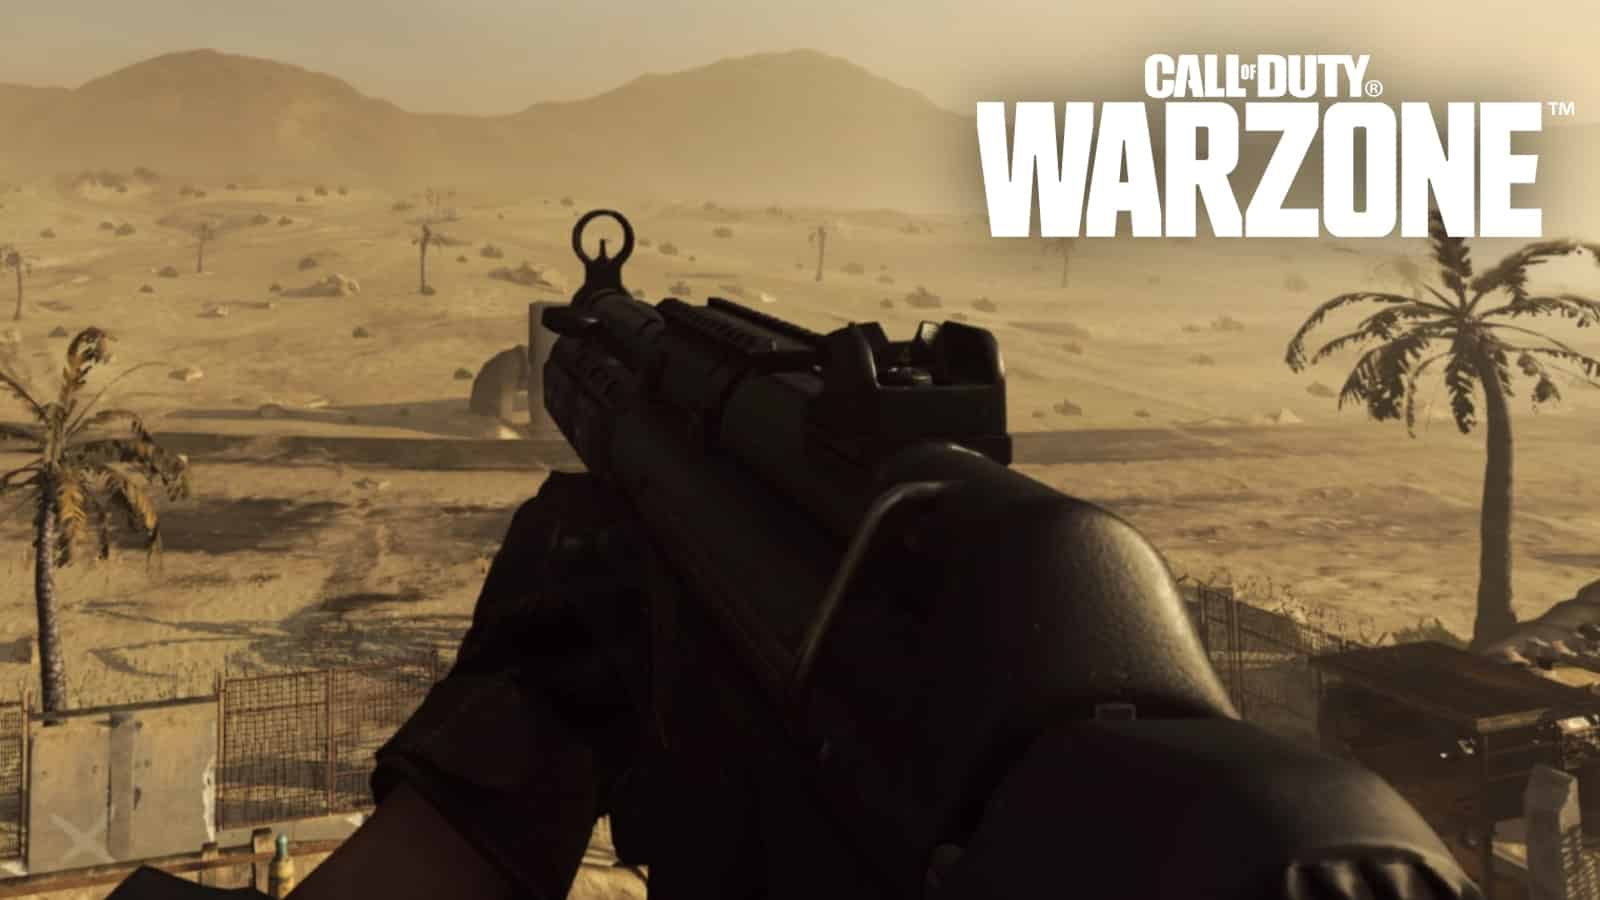 Warzone MP5 modern warfare